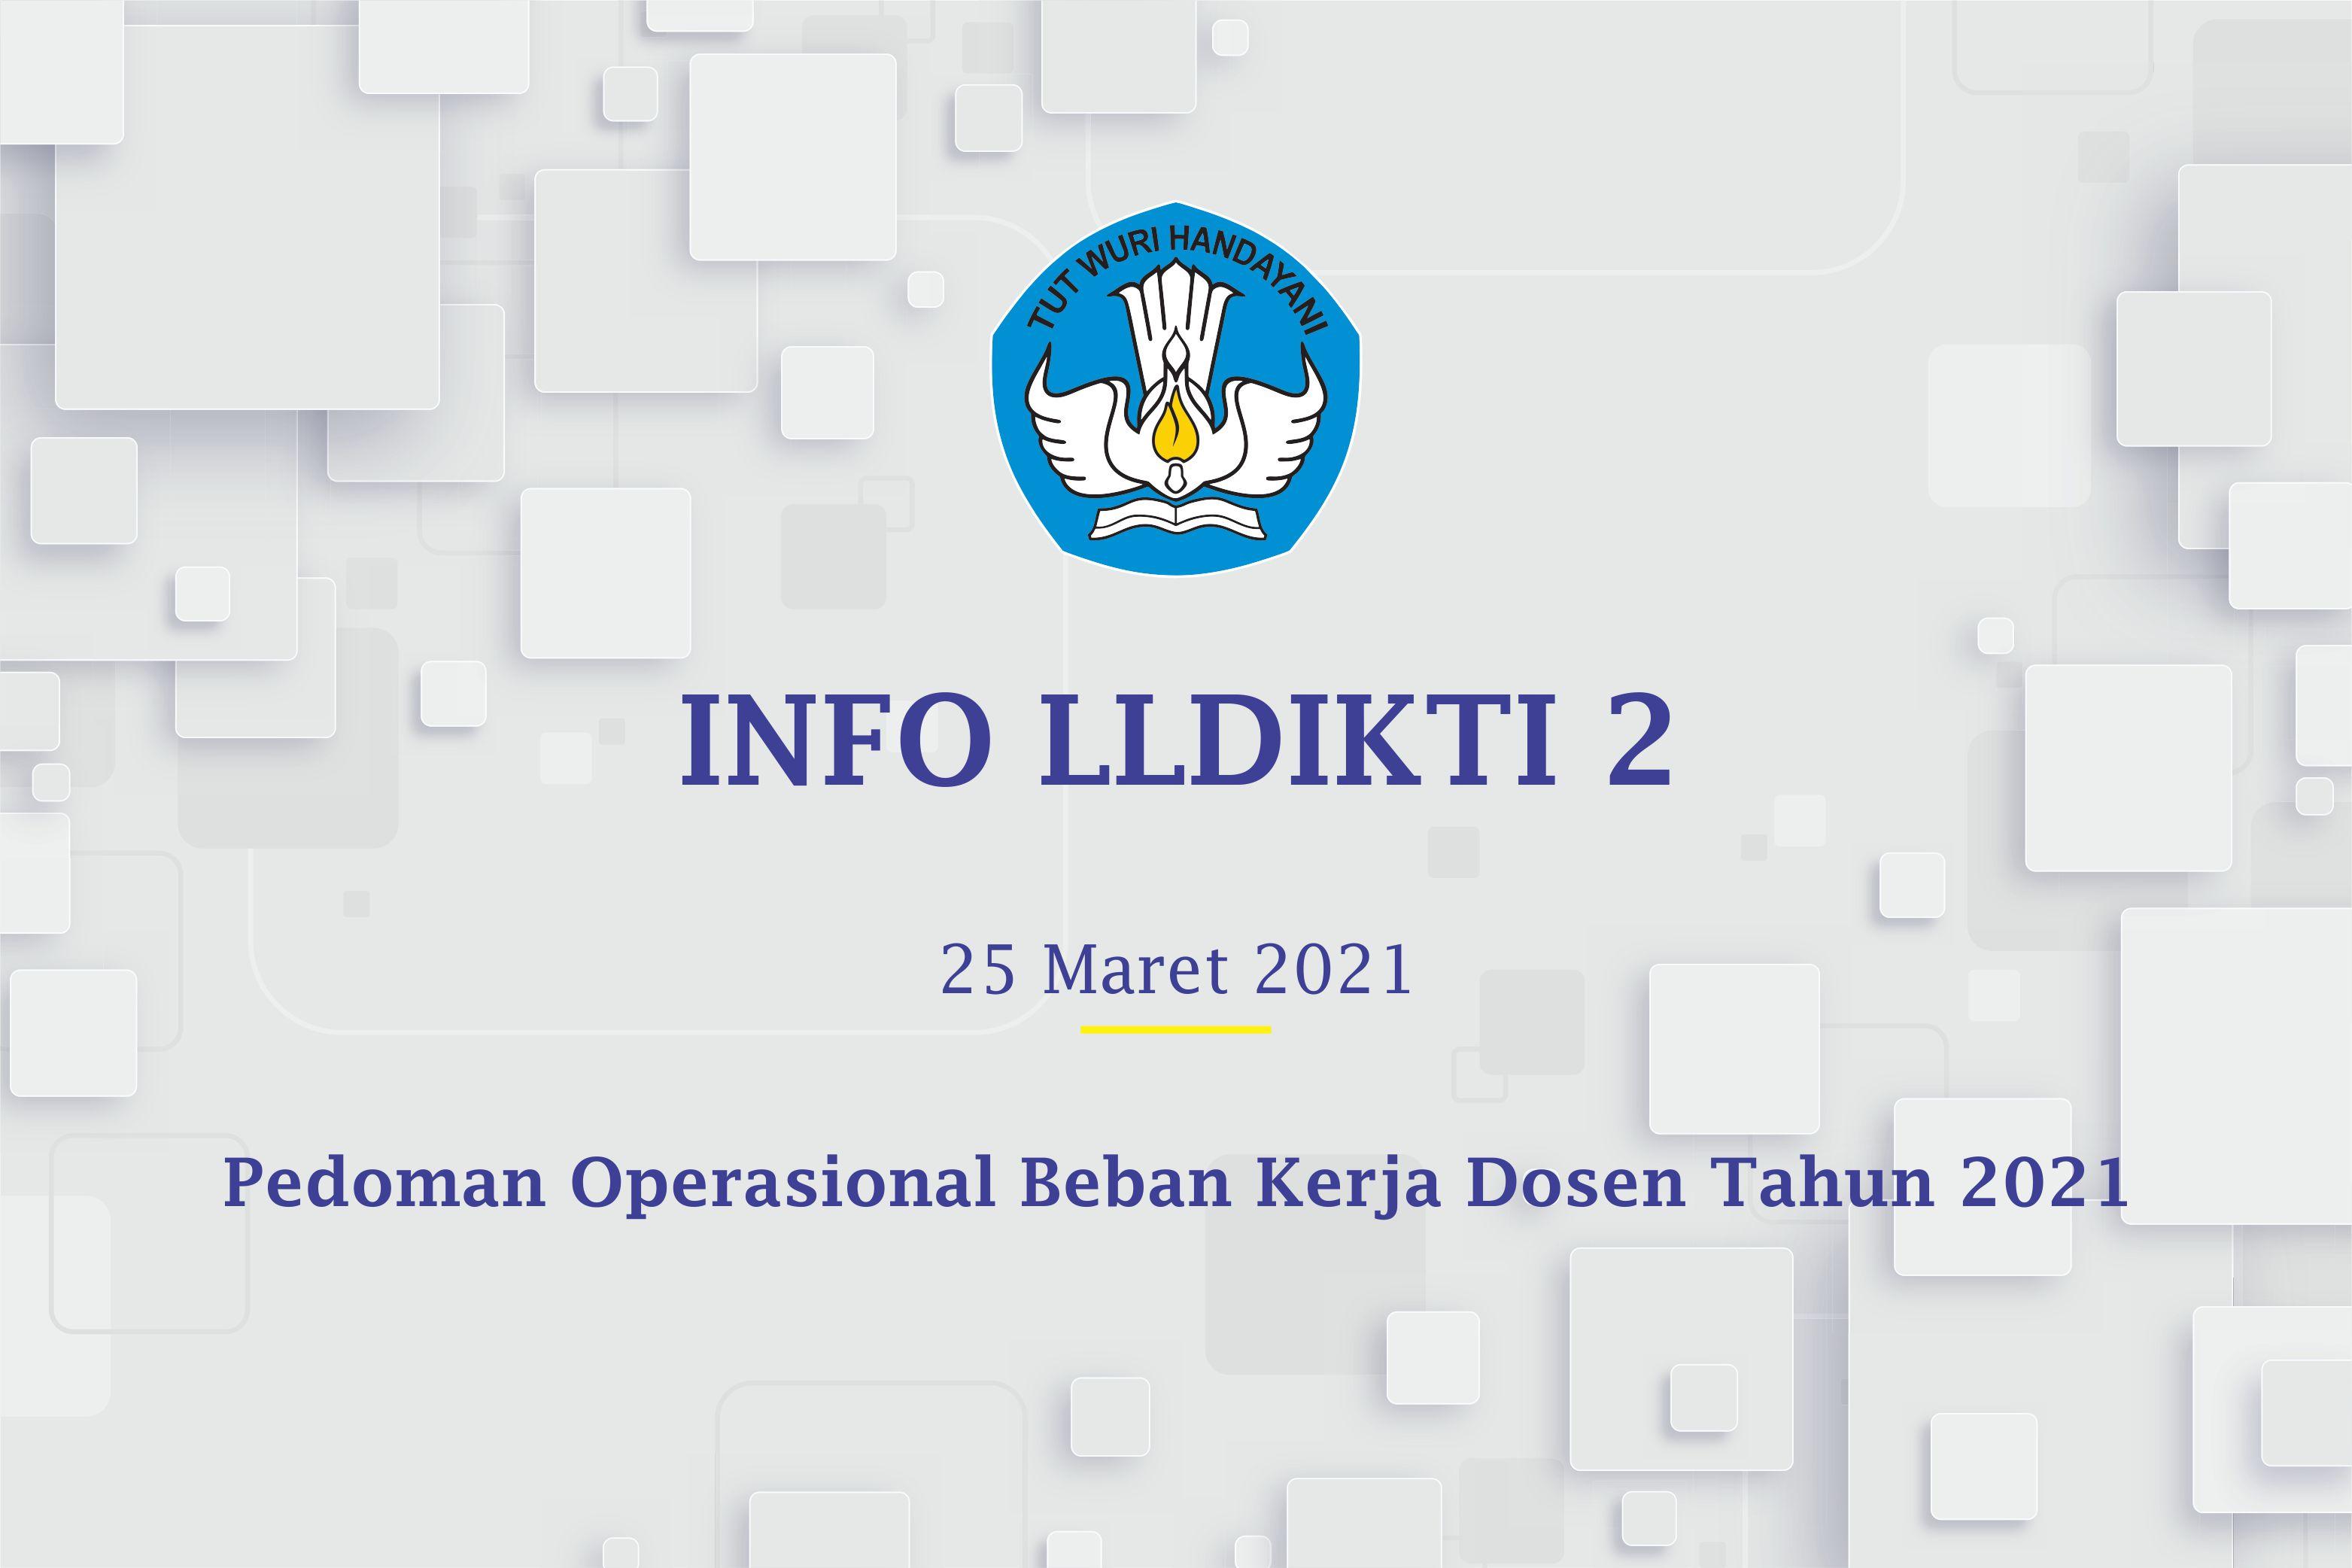 Pedoman Operasional Beban Kerja Dosen Tahun 2021